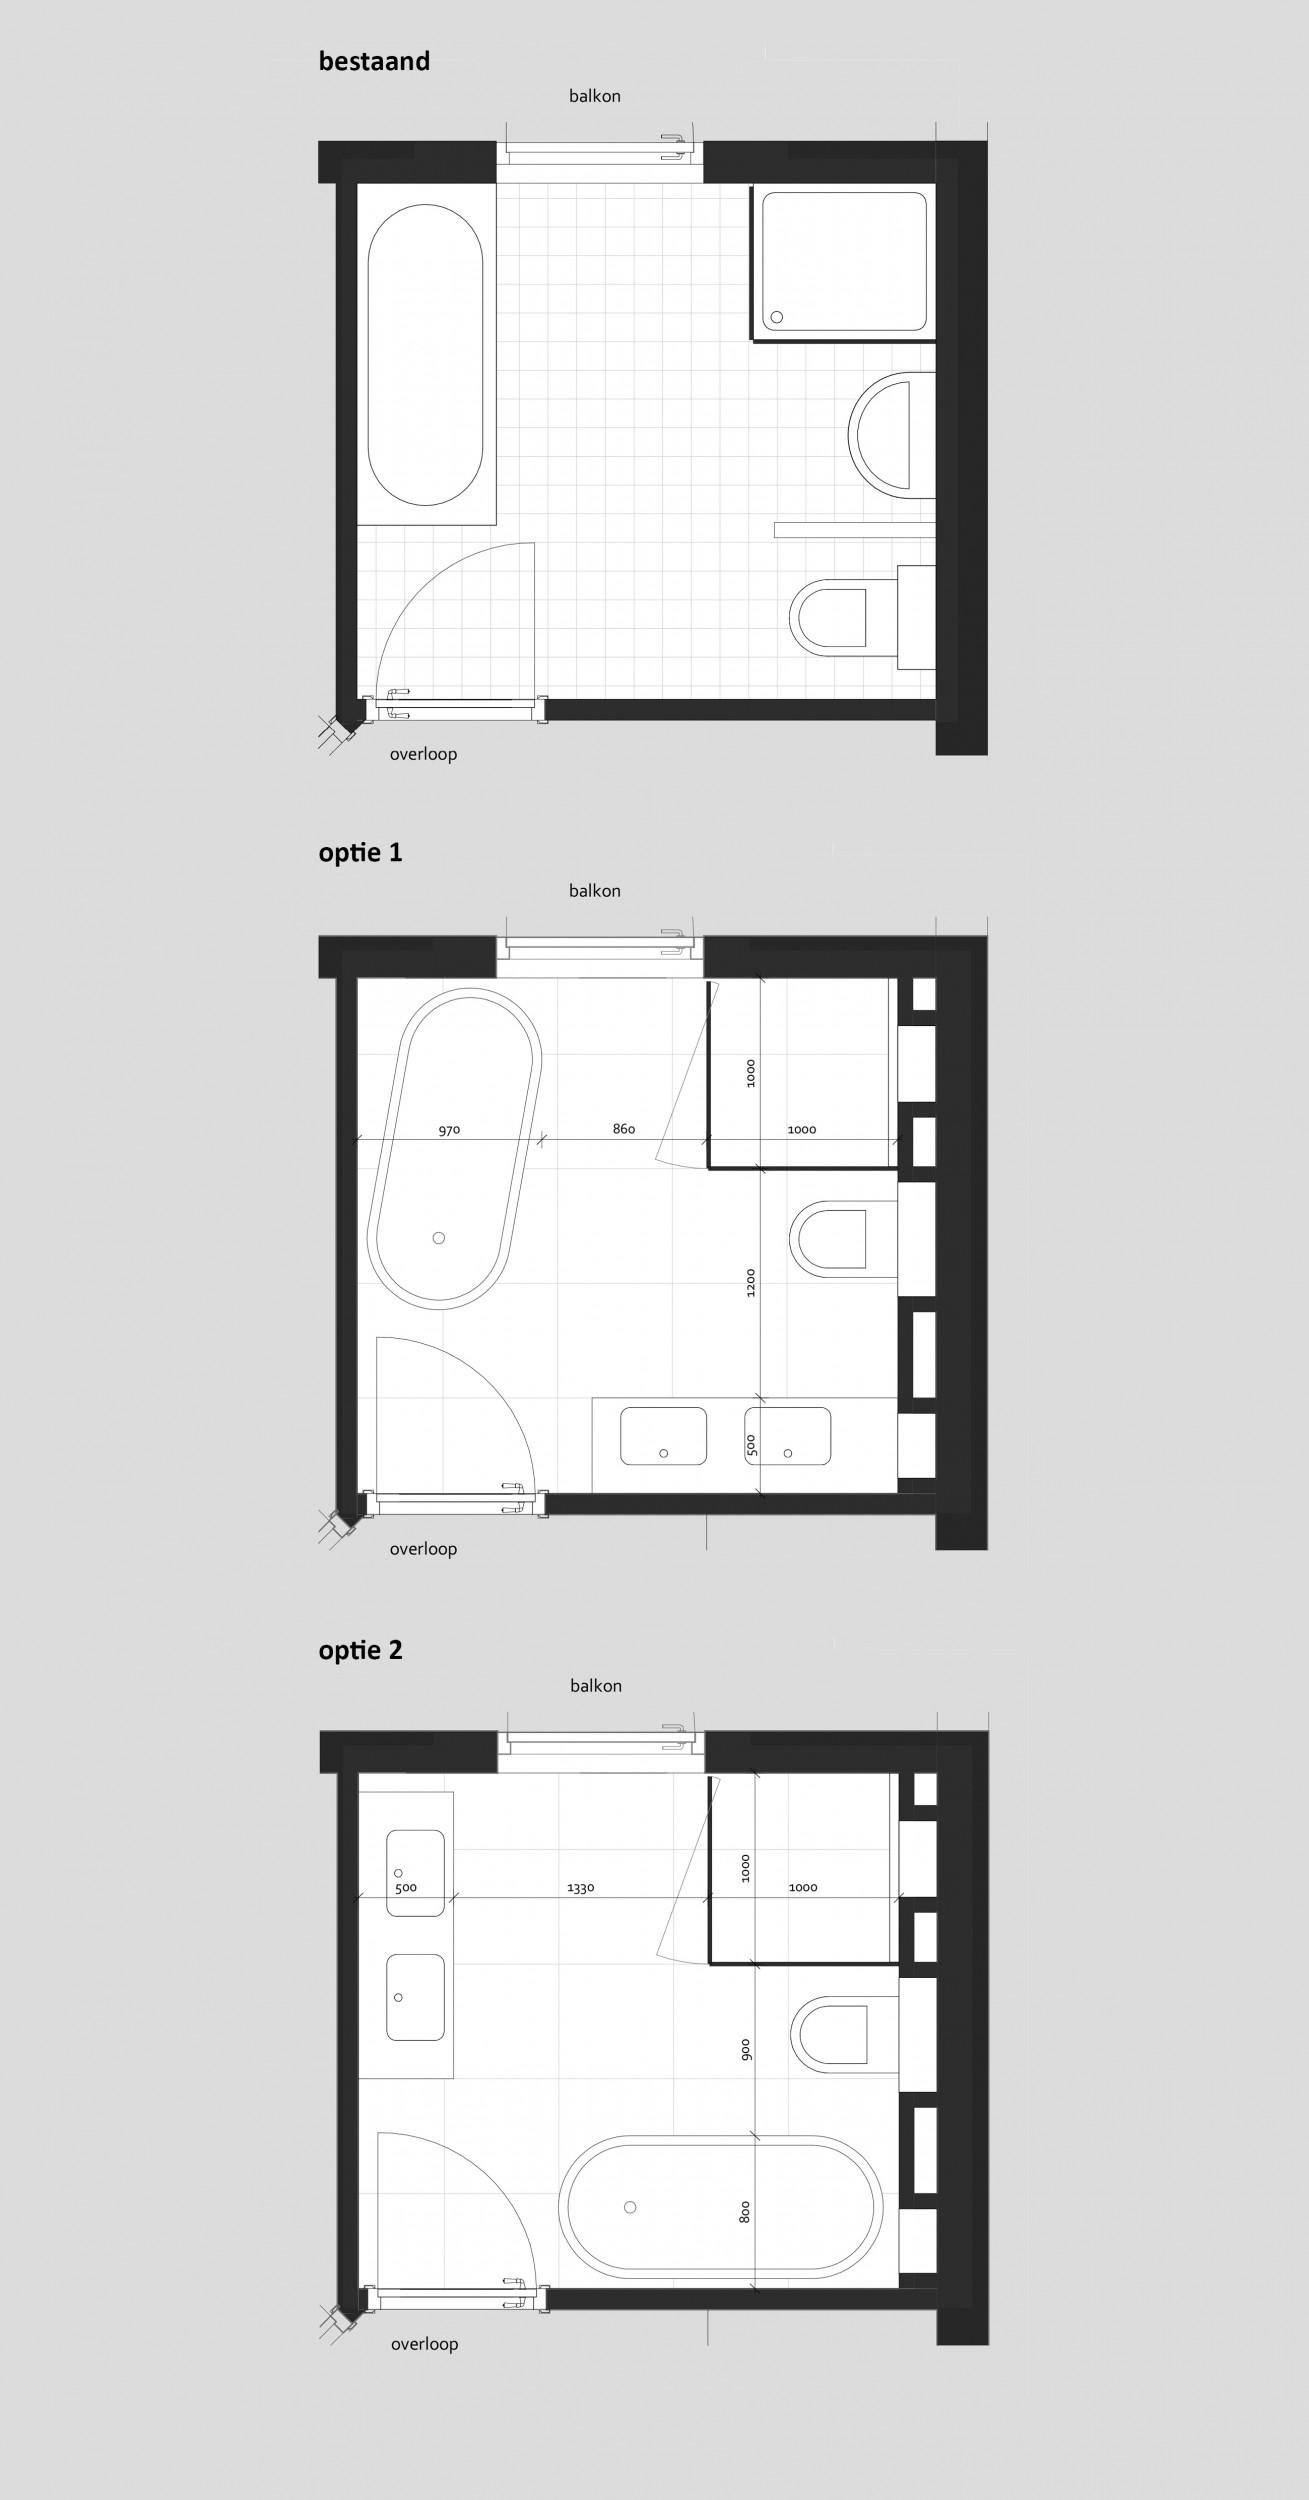 badkamer-opties-2.jpg